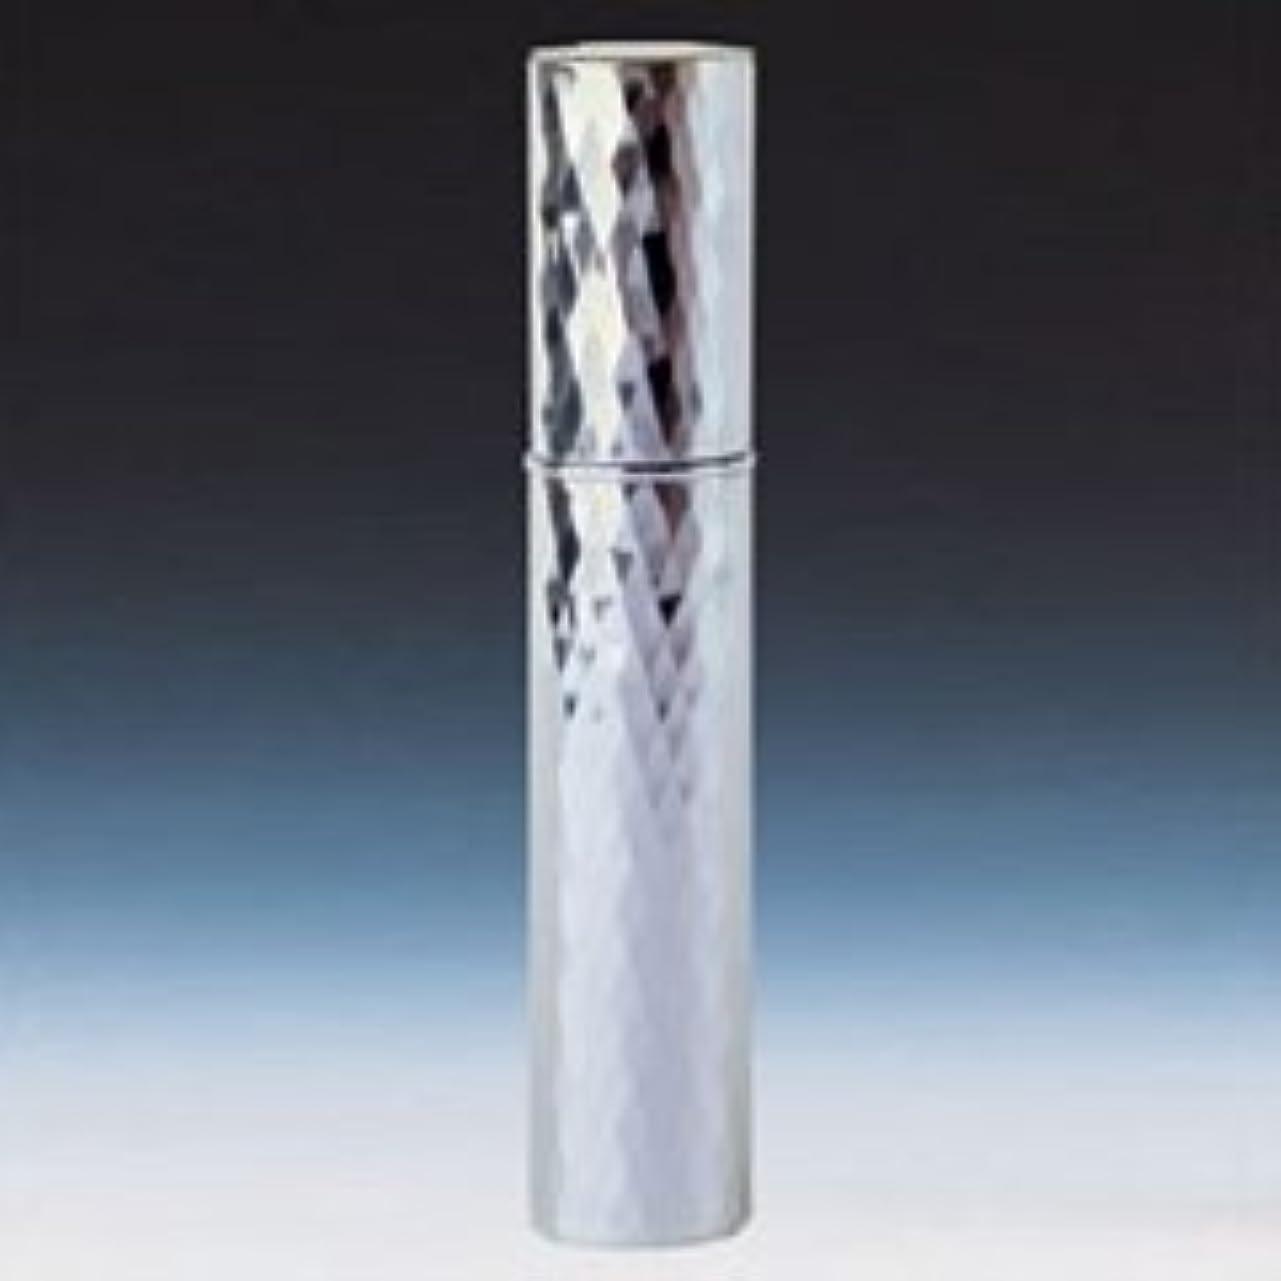 【ヤマダアトマイザー】メタルアトマイザー メタルポンプ 22102 15mm径 ダイヤカット シルバー 3.5ml